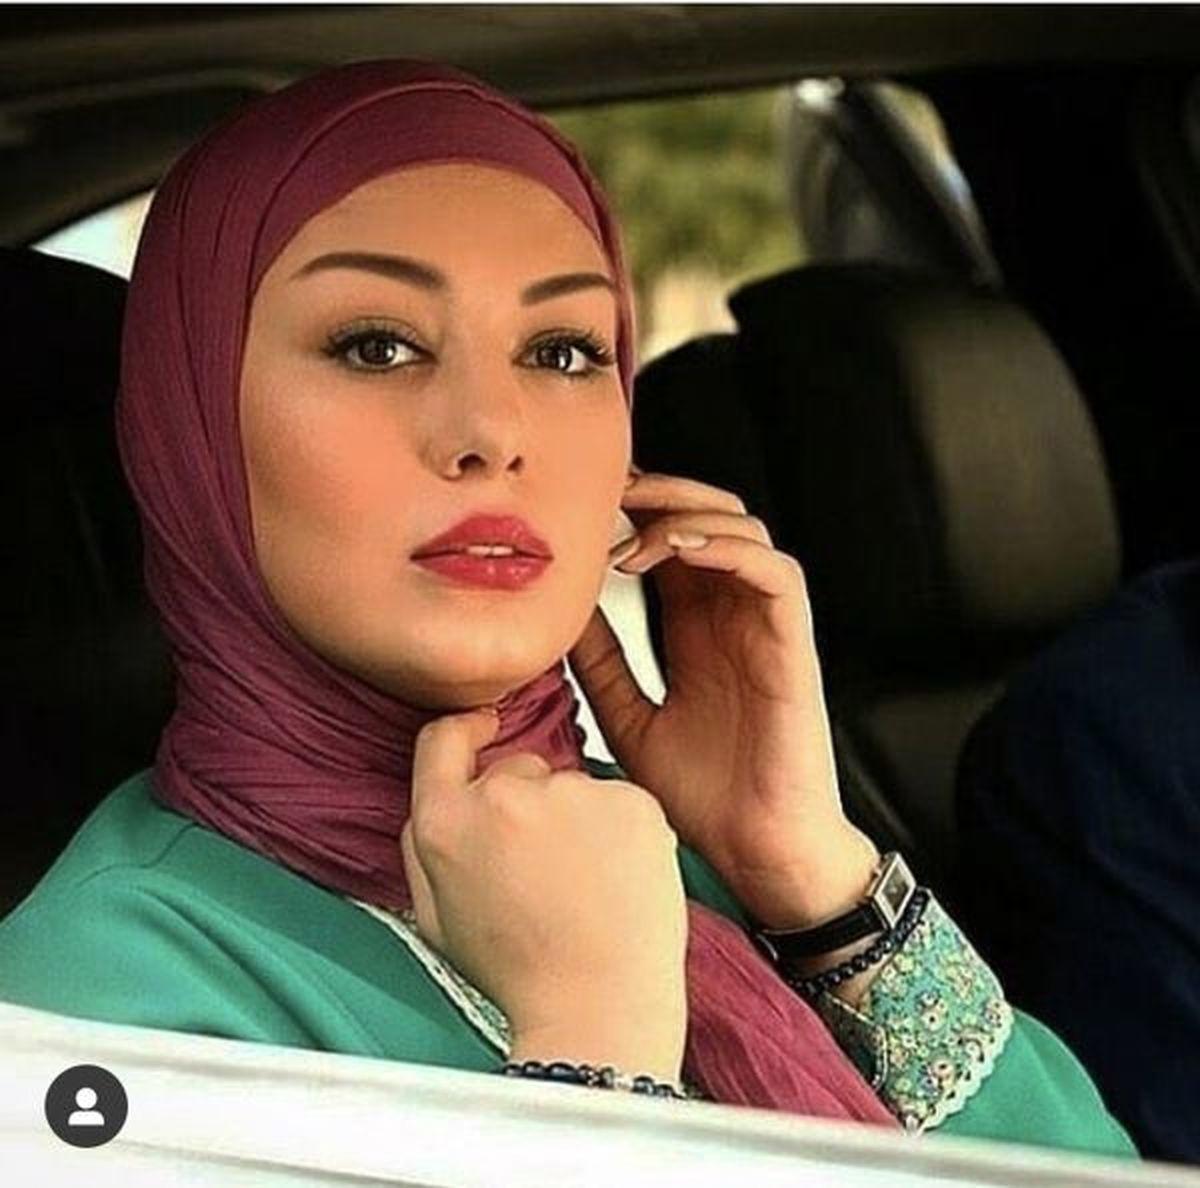 بیوگرافی جالب سحر قریشی بازیگر خوش سیمای ایران + تصاویر